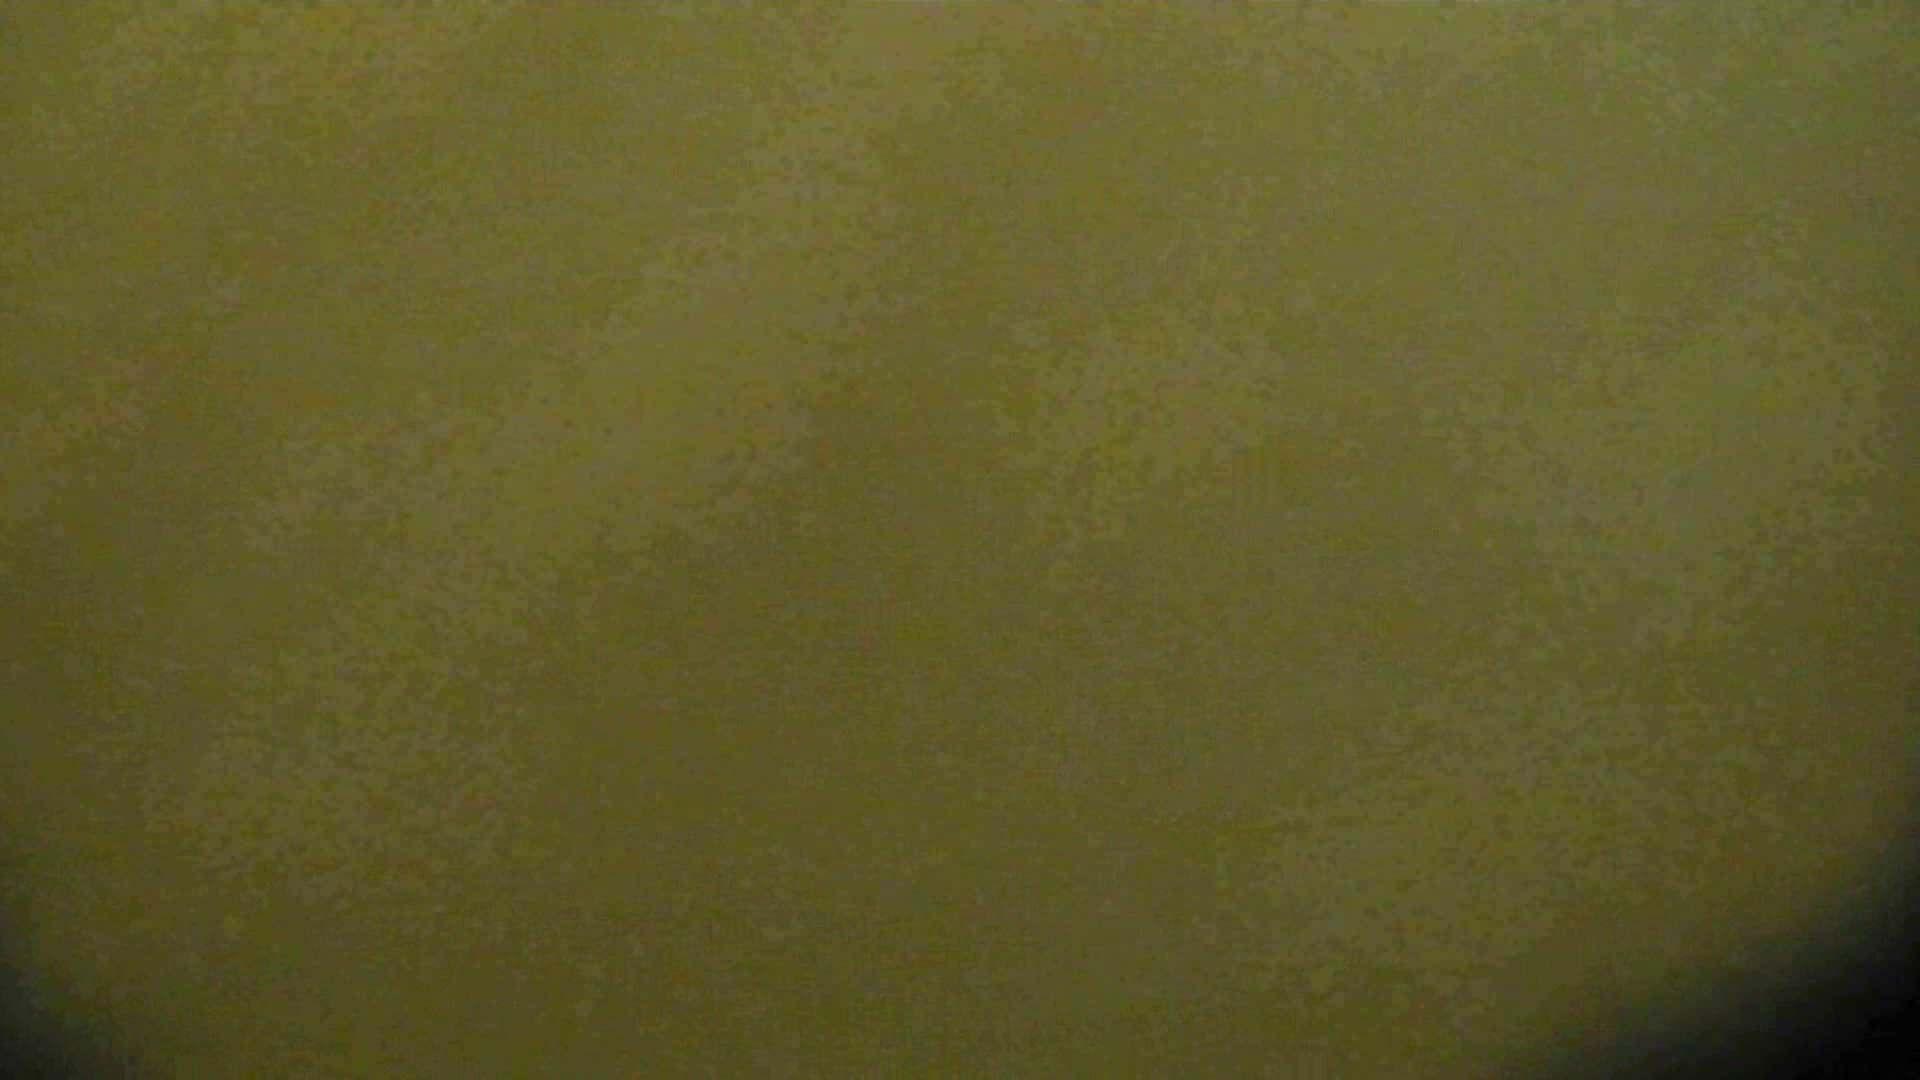 阿国ちゃんの「和式洋式七変化」No.12 洗面所 | 丸見え  99画像 91